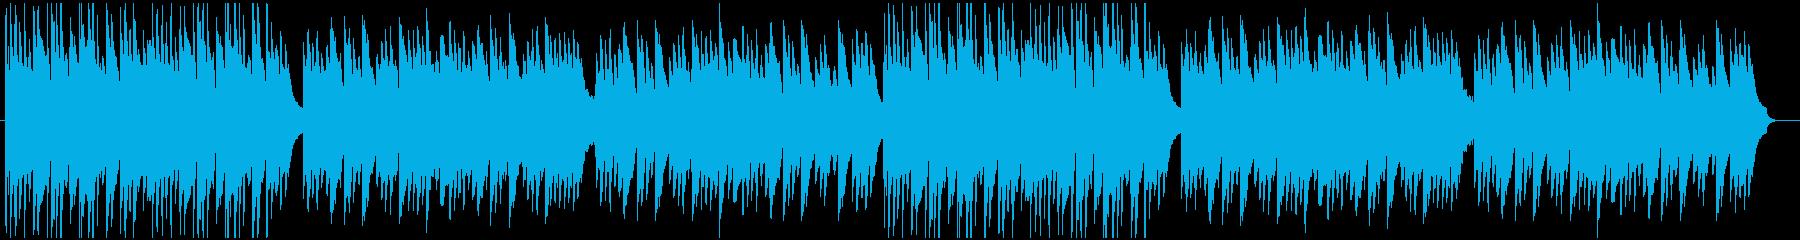 落ち着いたシーンで使えるピアノとアコギ曲の再生済みの波形